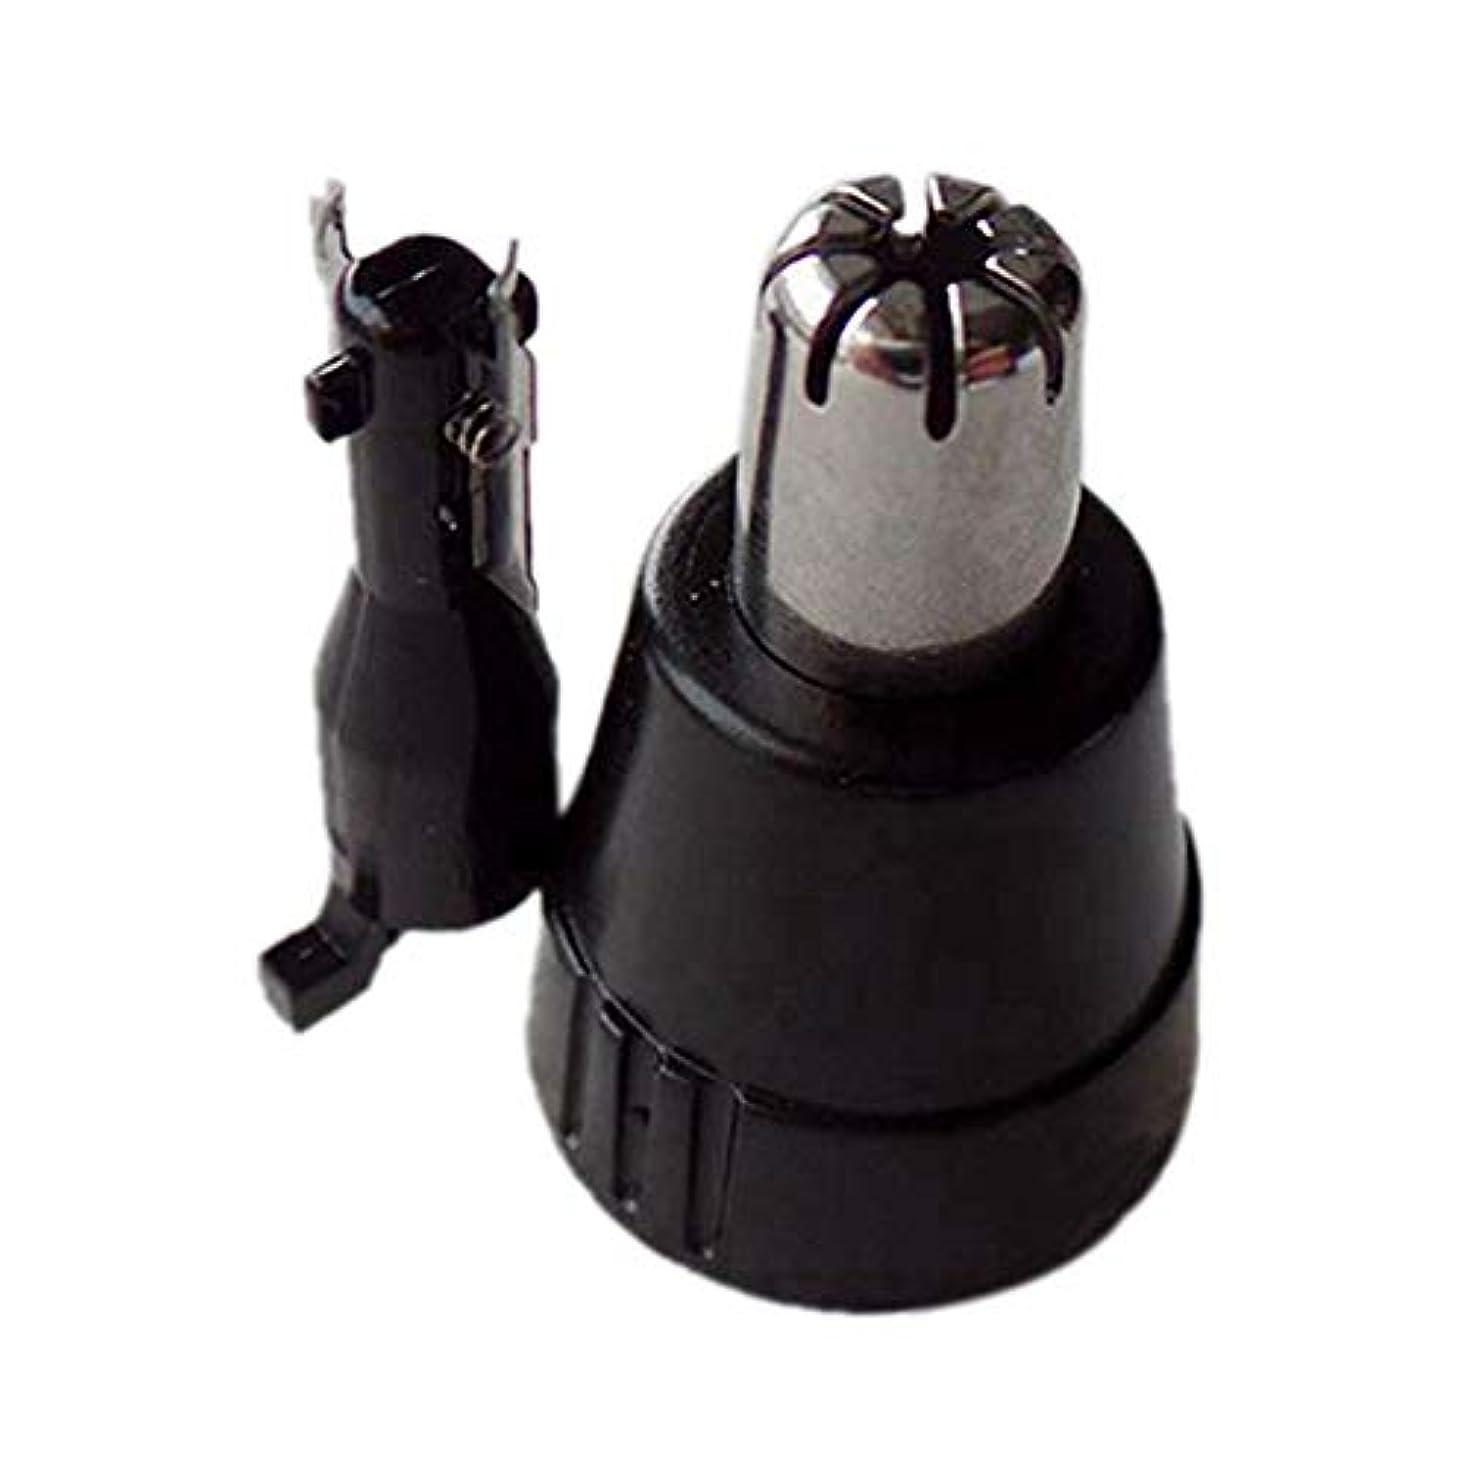 助手心理的に止まるHzjundasi 鼻毛カッターパーツ 内刃 外刃 替刃 耐用 高質量 for Panasonic 鼻毛カッター ER-GN30/-GN10